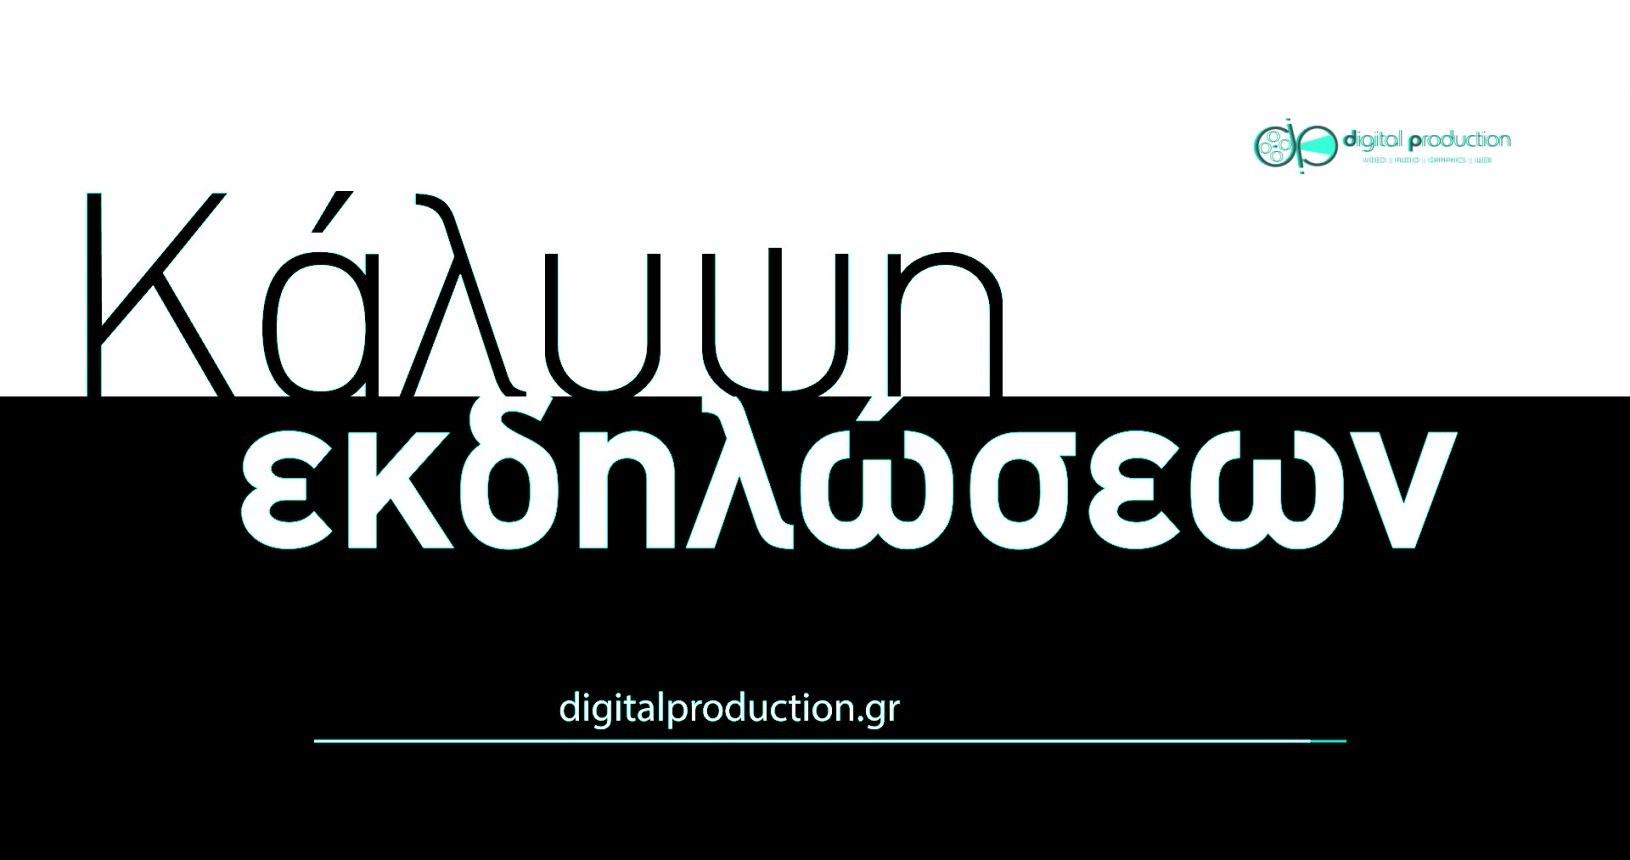 Οπτικοακουστικές καλύψεις εκδηλώσεων με βιντεοσκόπηση και φωτογραφία | Digital Production